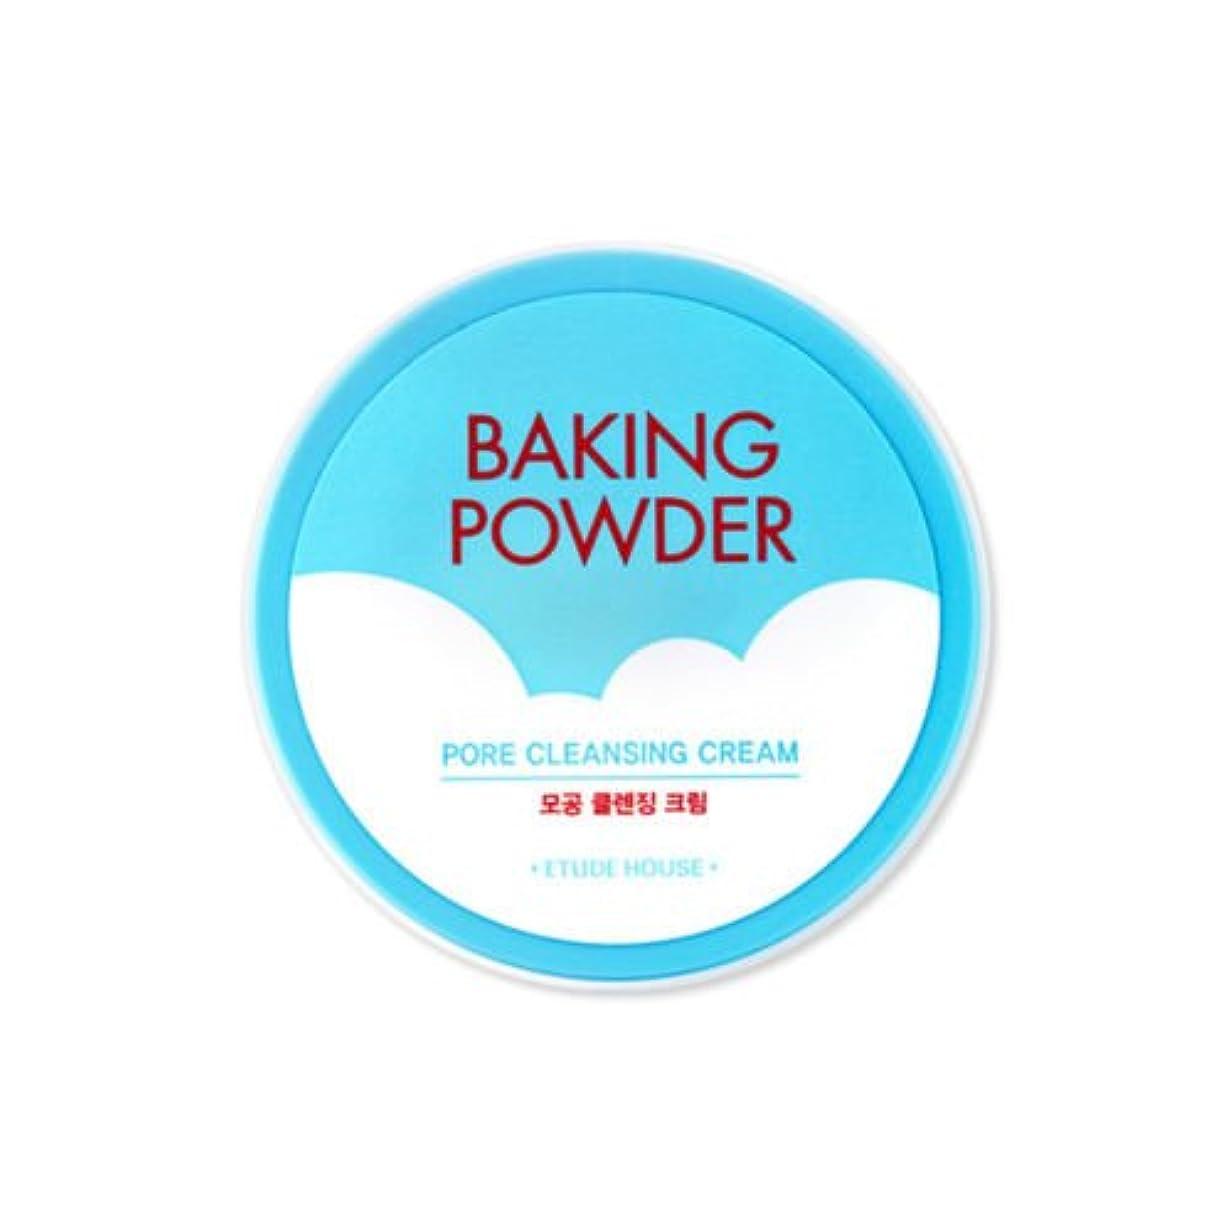 他のバンドでパースブラックボロウ知恵[2016 Upgrade!] ETUDE HOUSE Baking Powder Pore Cleansing Cream 180ml/エチュードハウス ベーキング パウダー ポア クレンジング クリーム 180ml